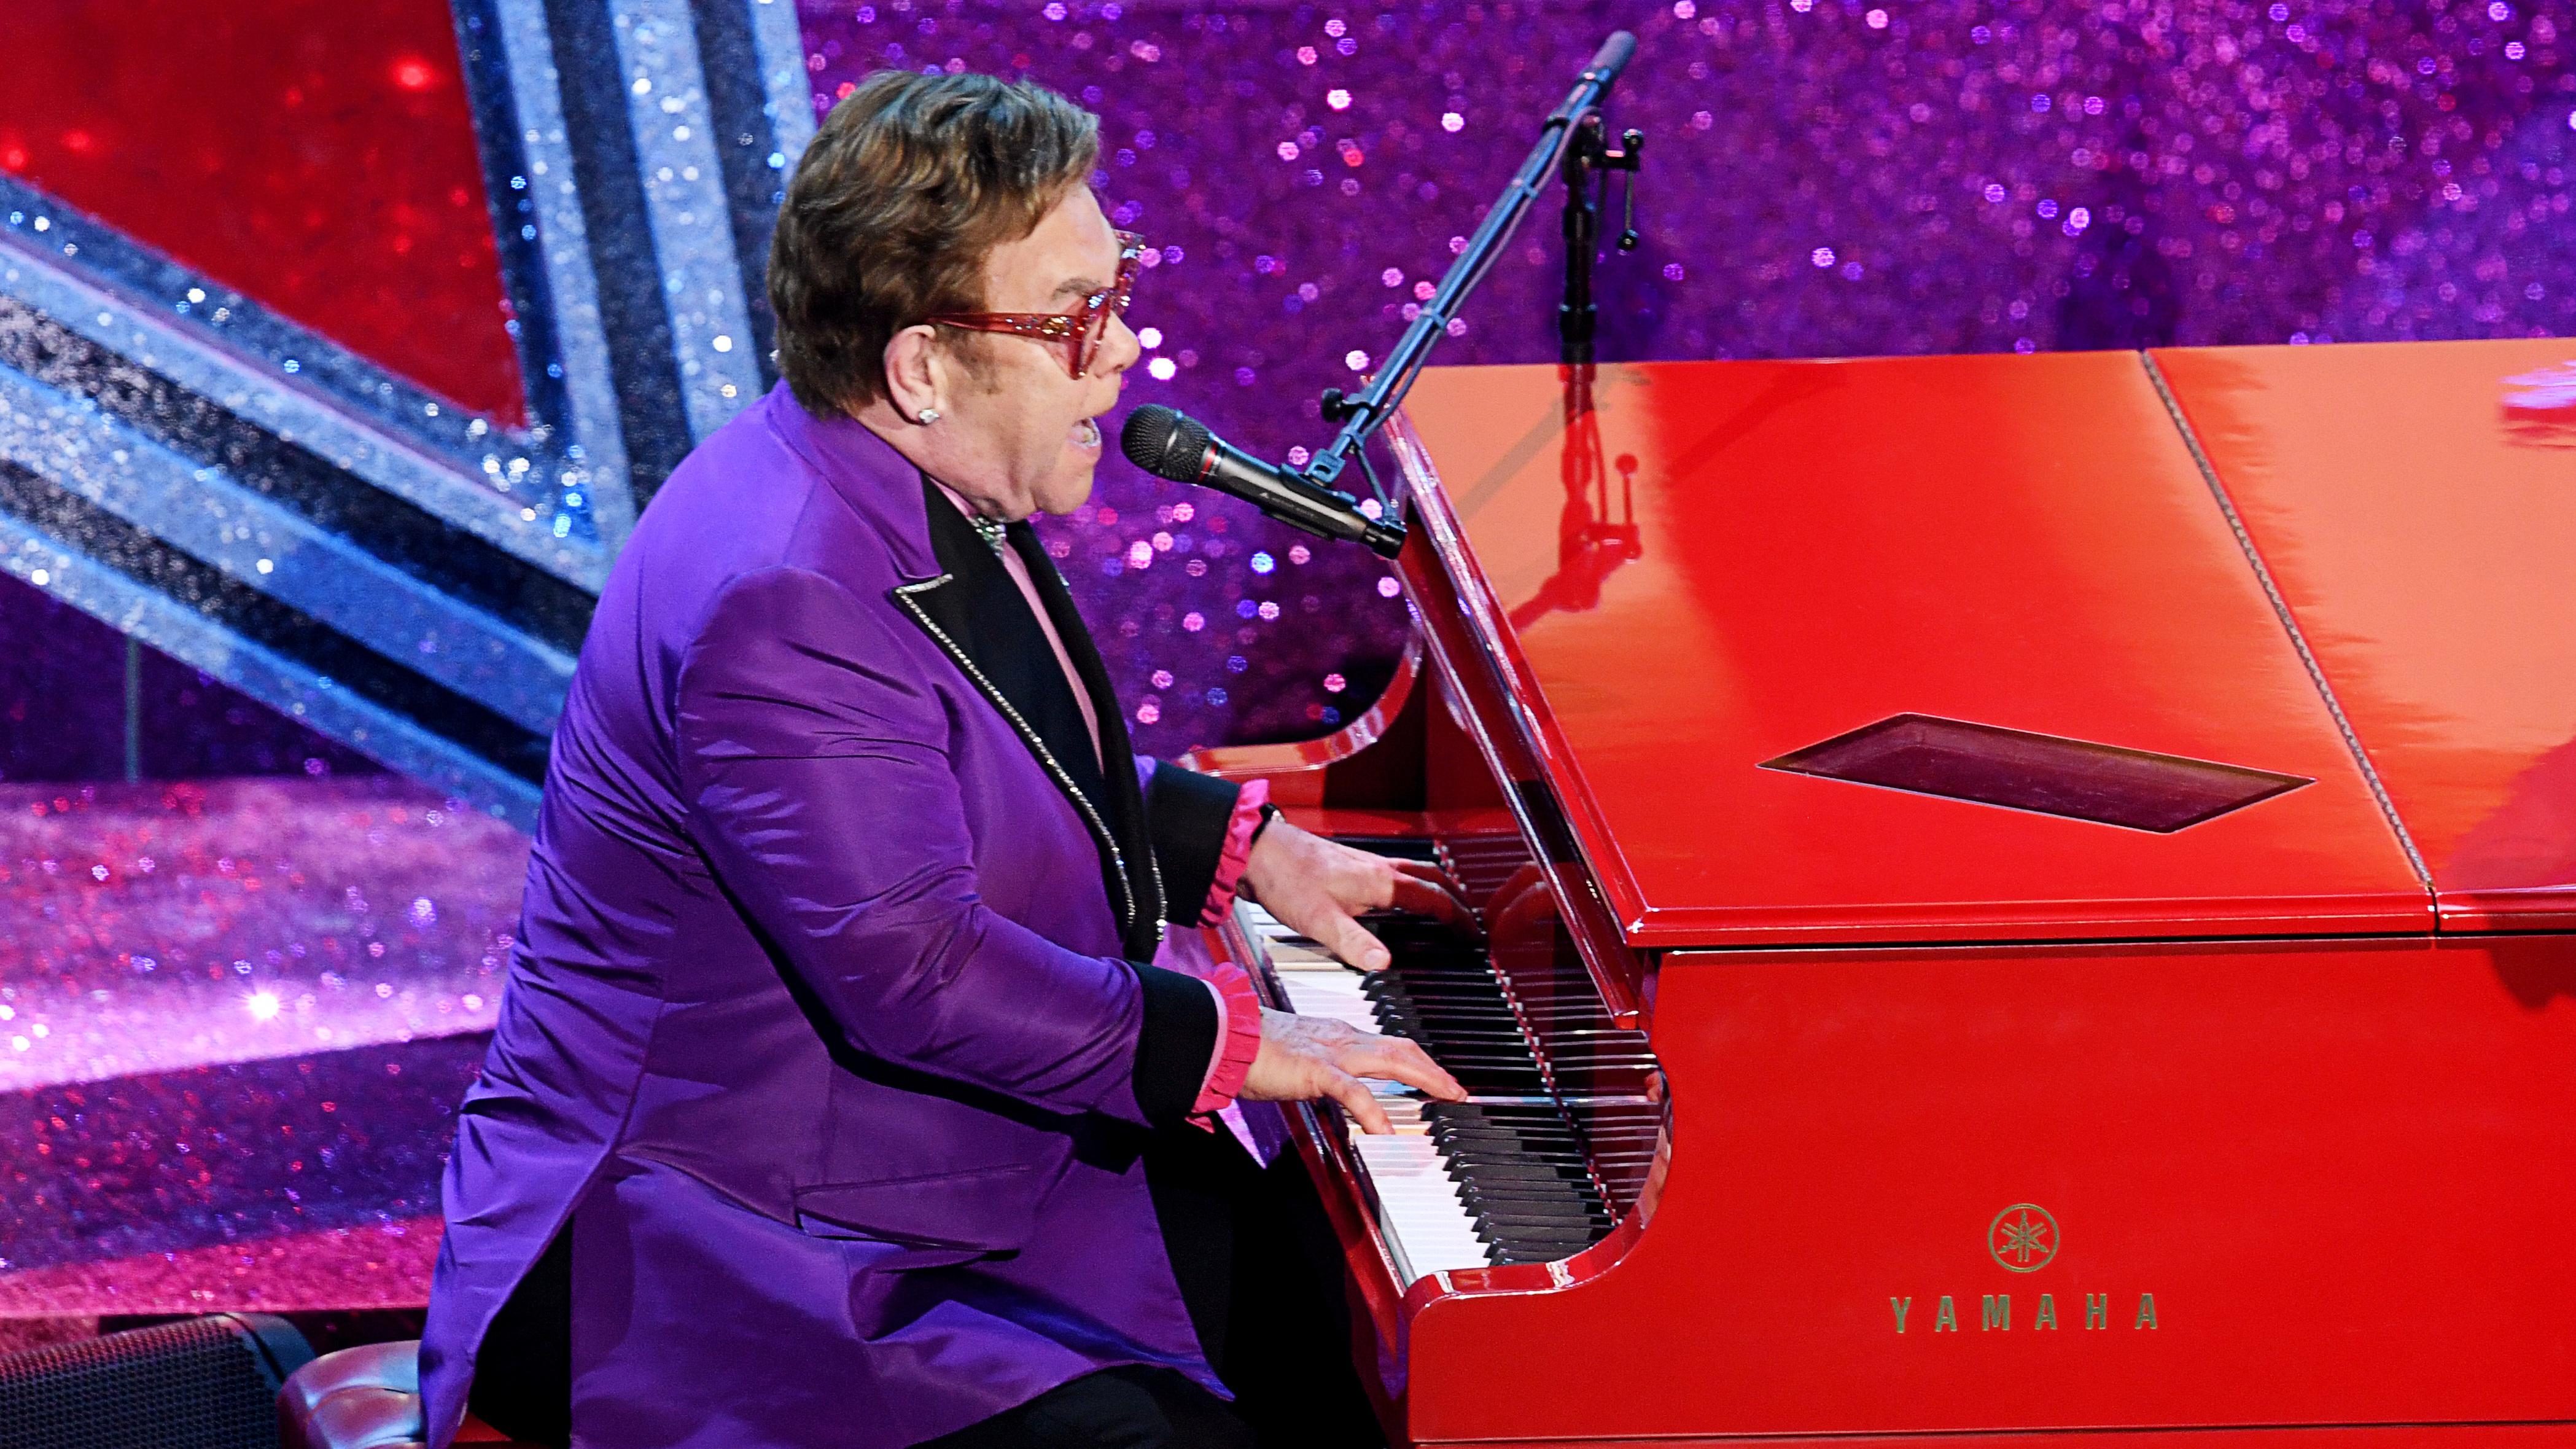 Pneumonia Forces Early End To Elton John Concert On His Farewell Tour